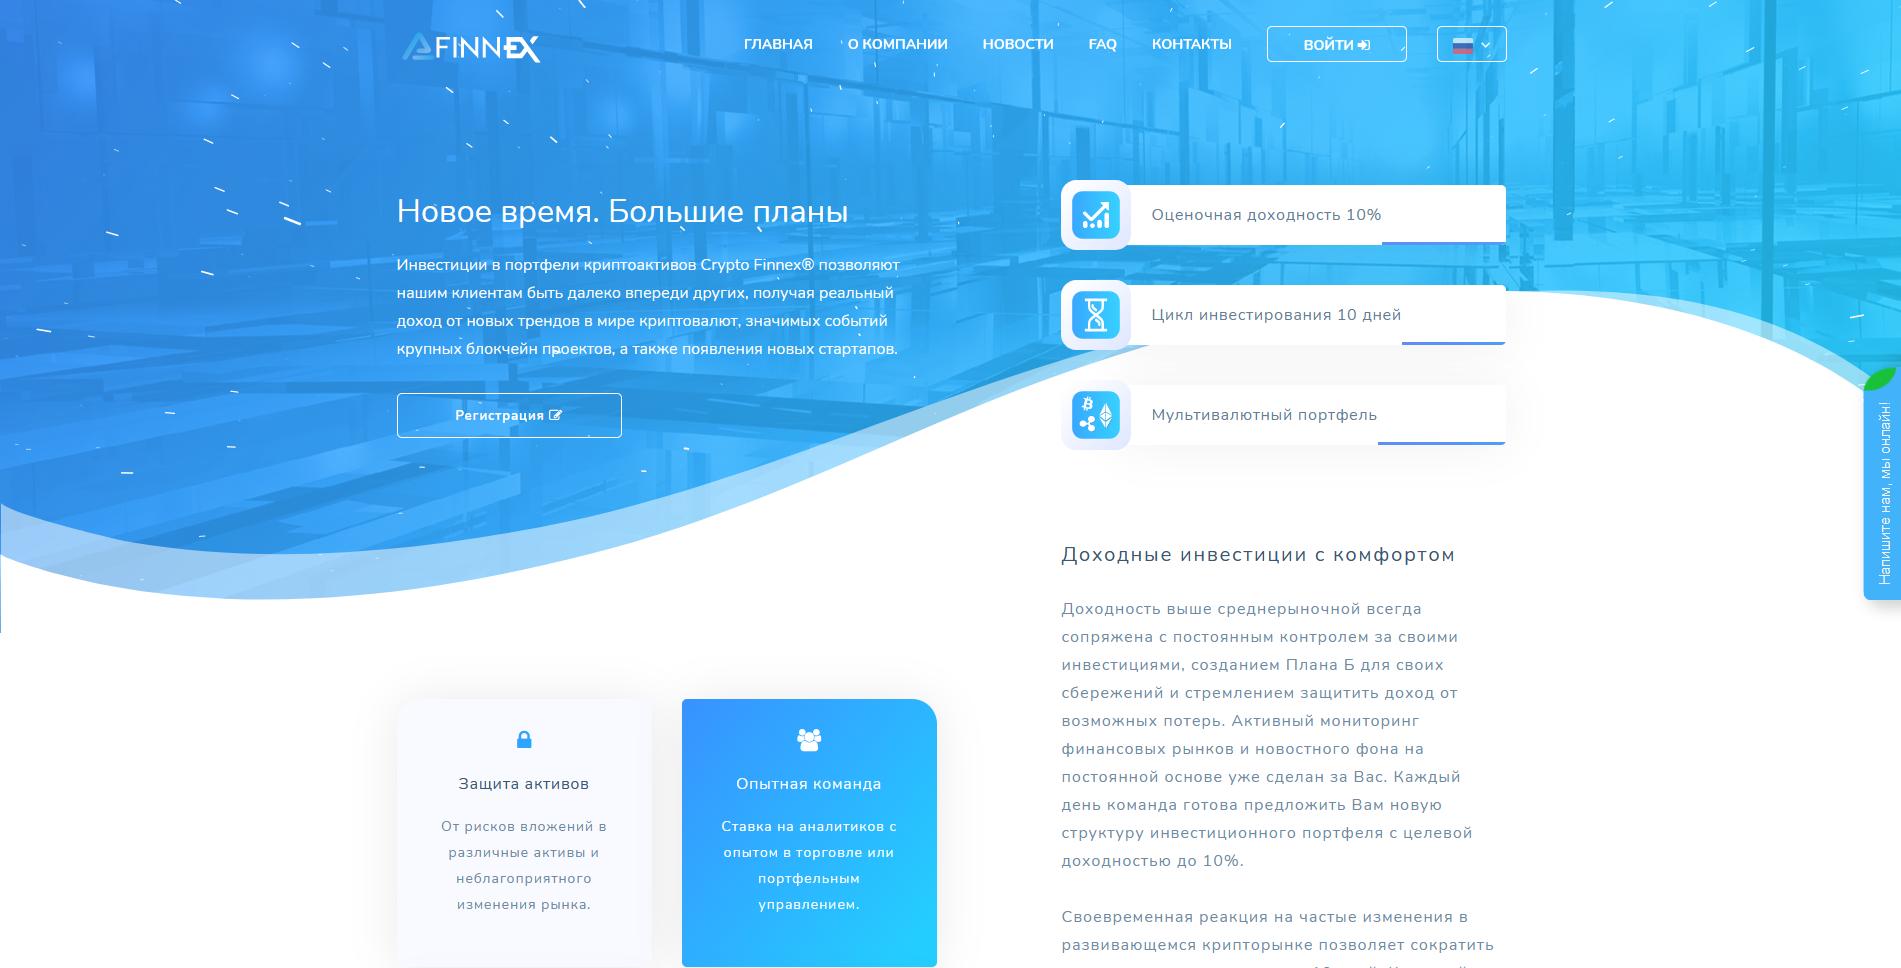 Finnex